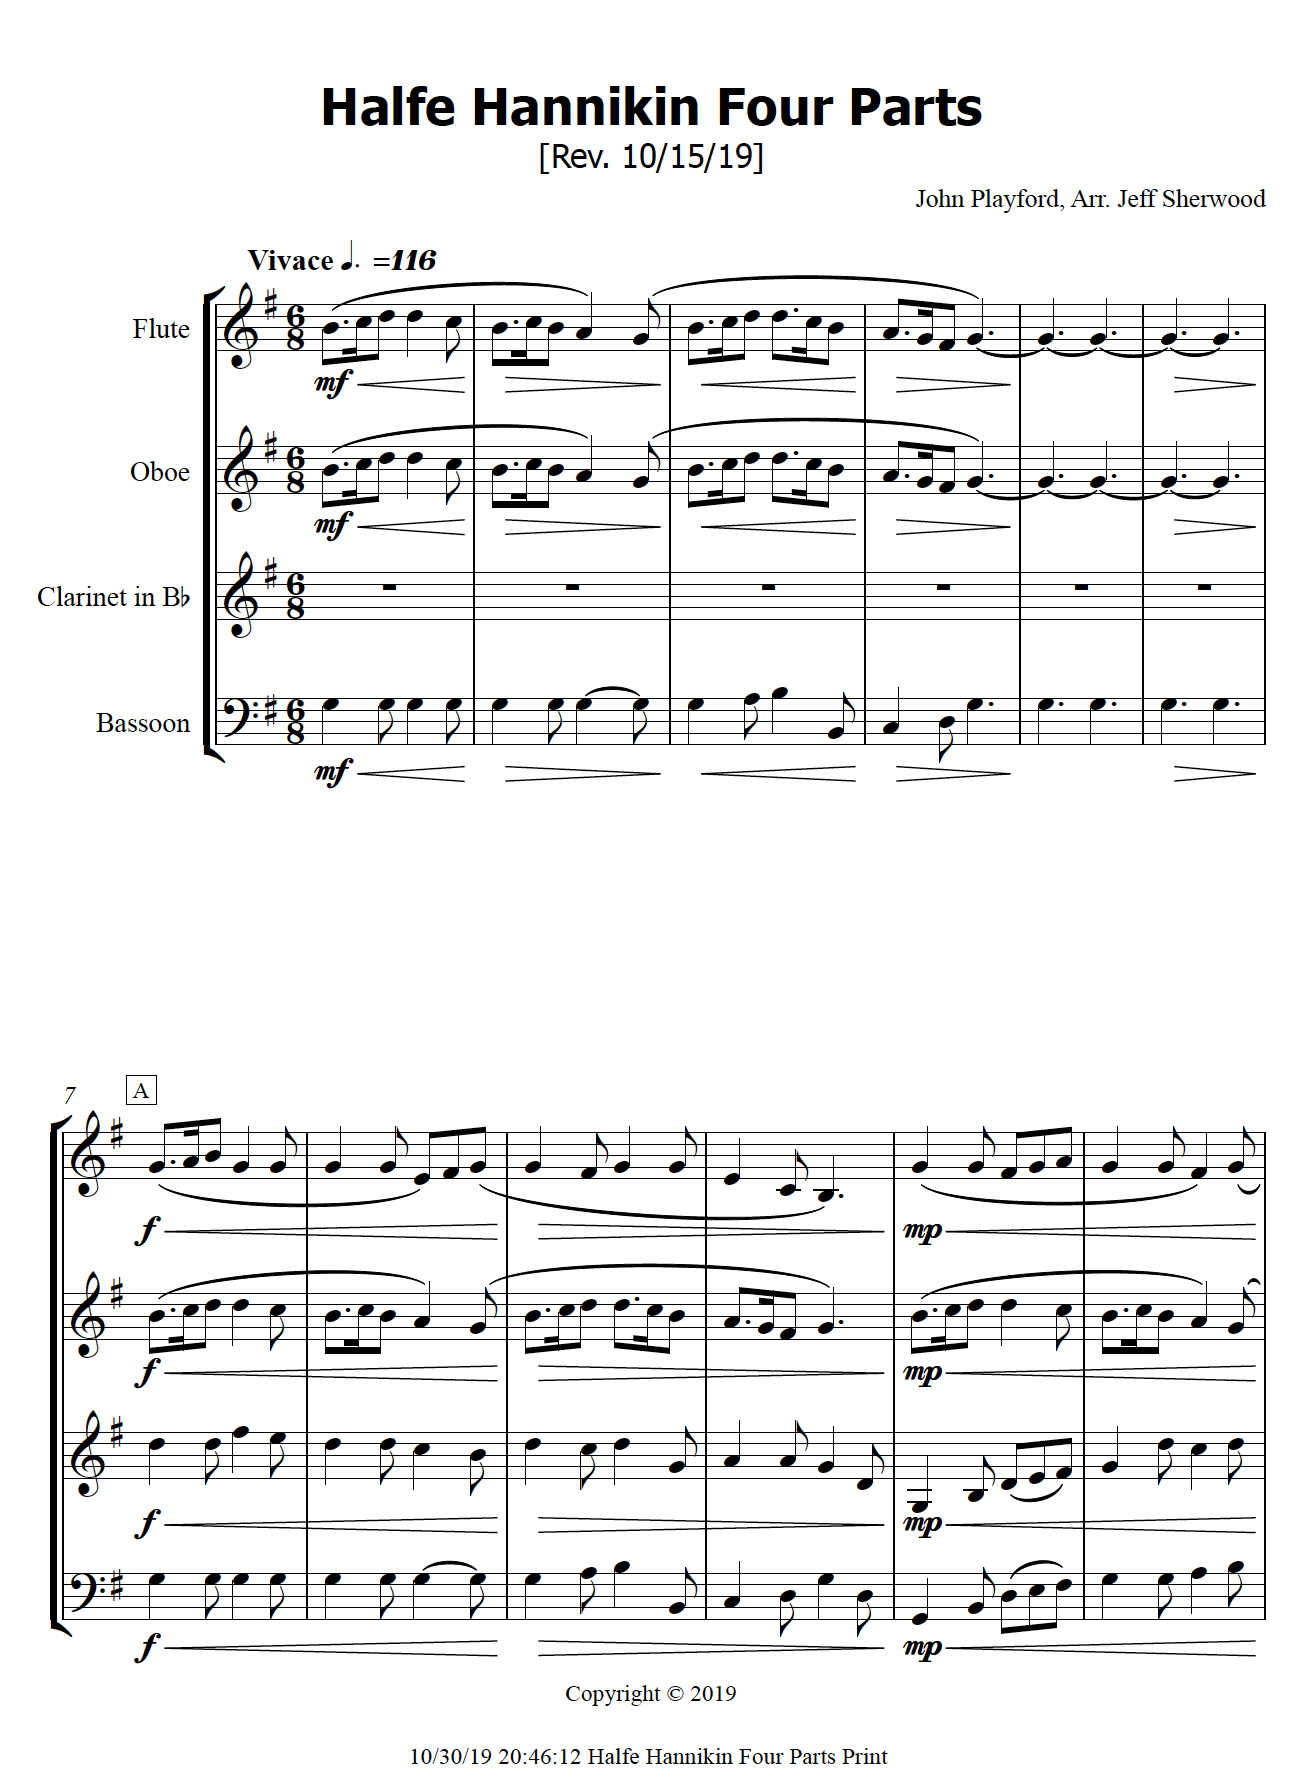 Halfe Hannikin Sheet Music